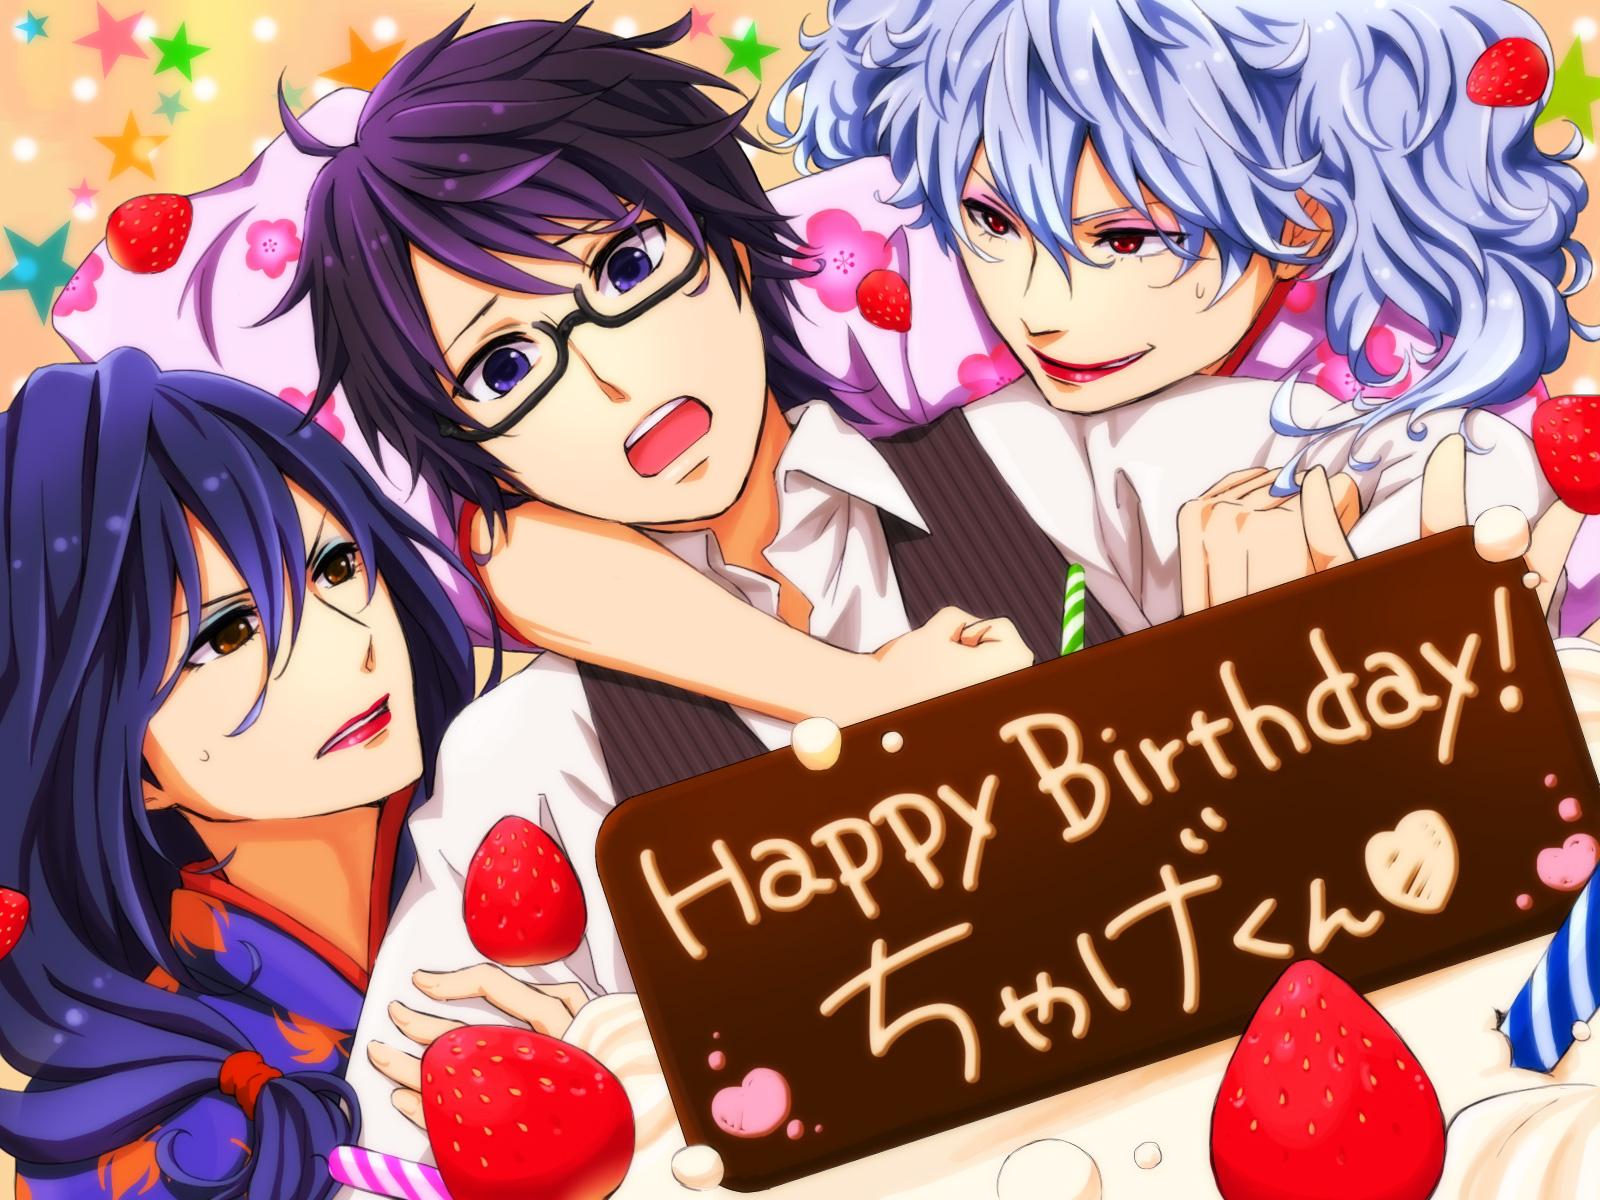 Картинки поздравления с днем рождения в стиле аниме, надписью